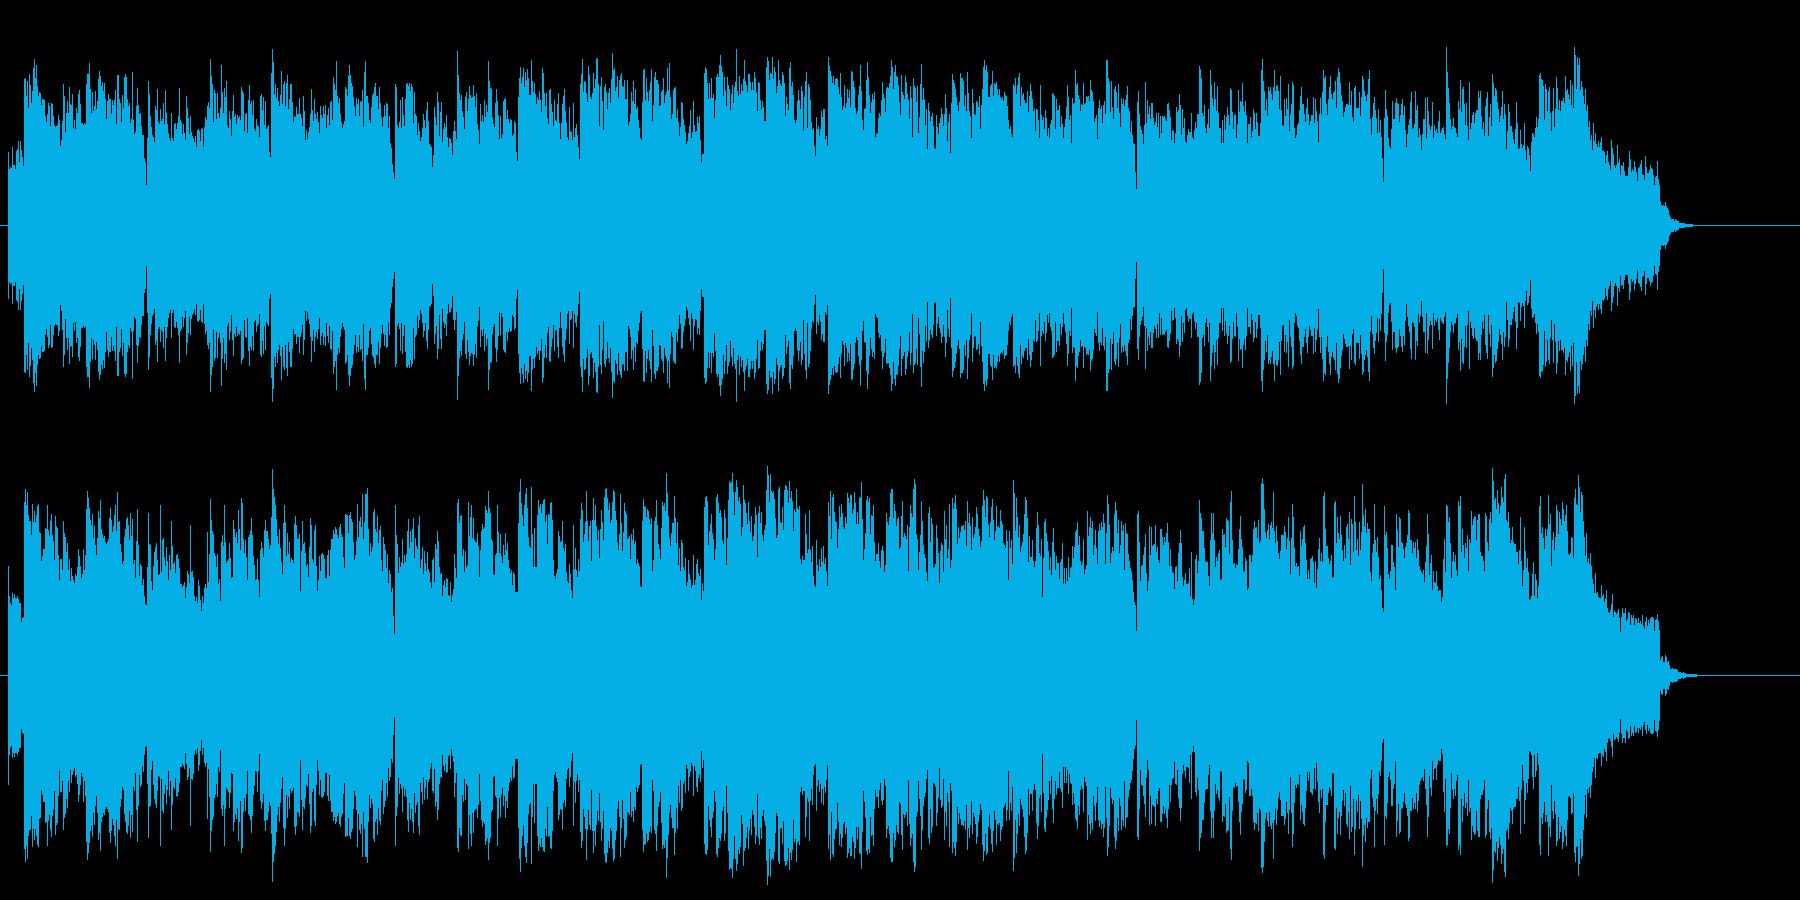 懐かしく朗らかなニュー・エイジ系BGMの再生済みの波形